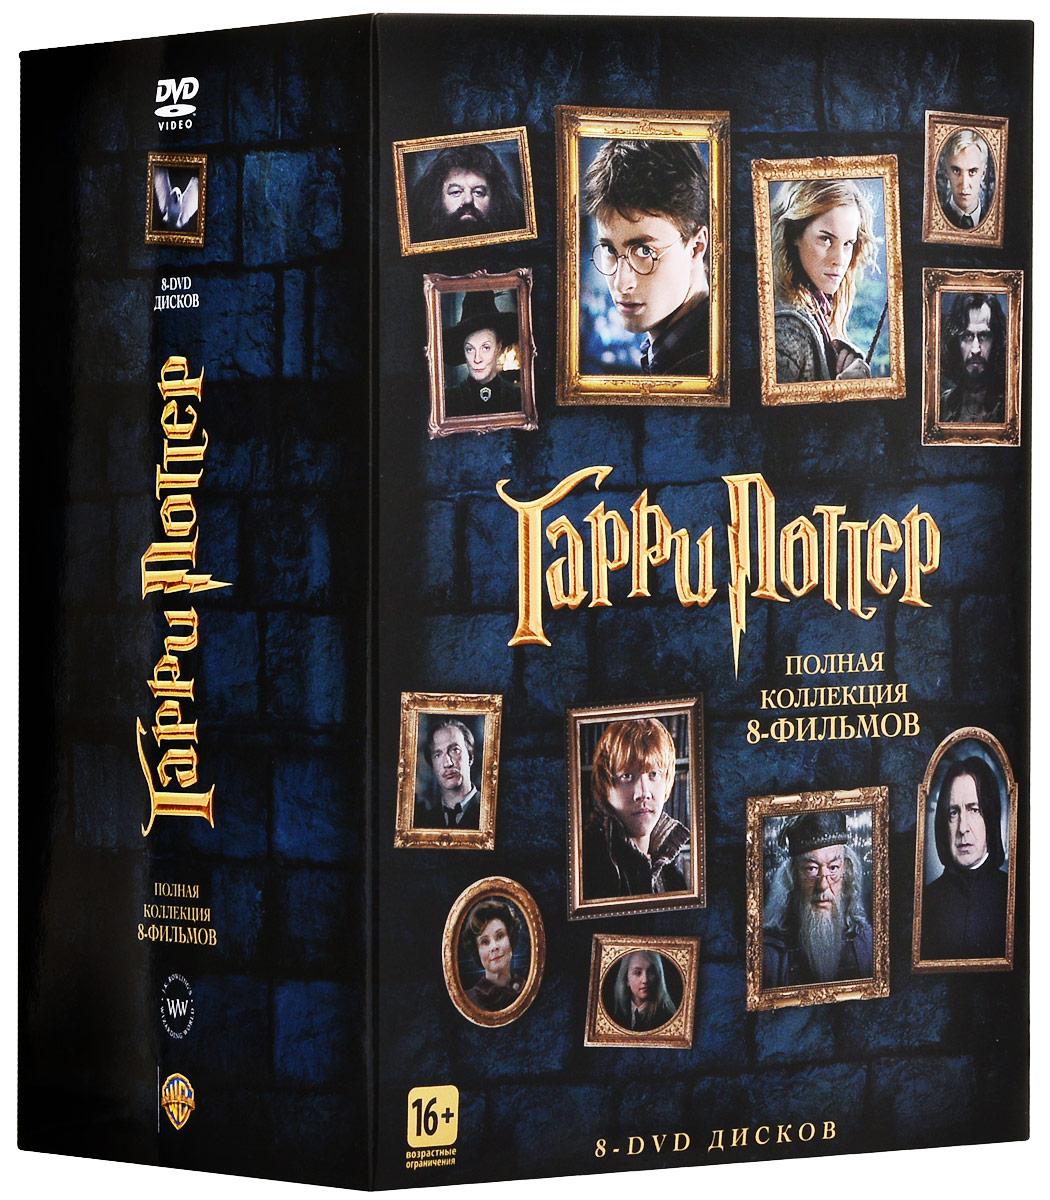 Гарри Поттер: Полная Коллекция (8 DVD)